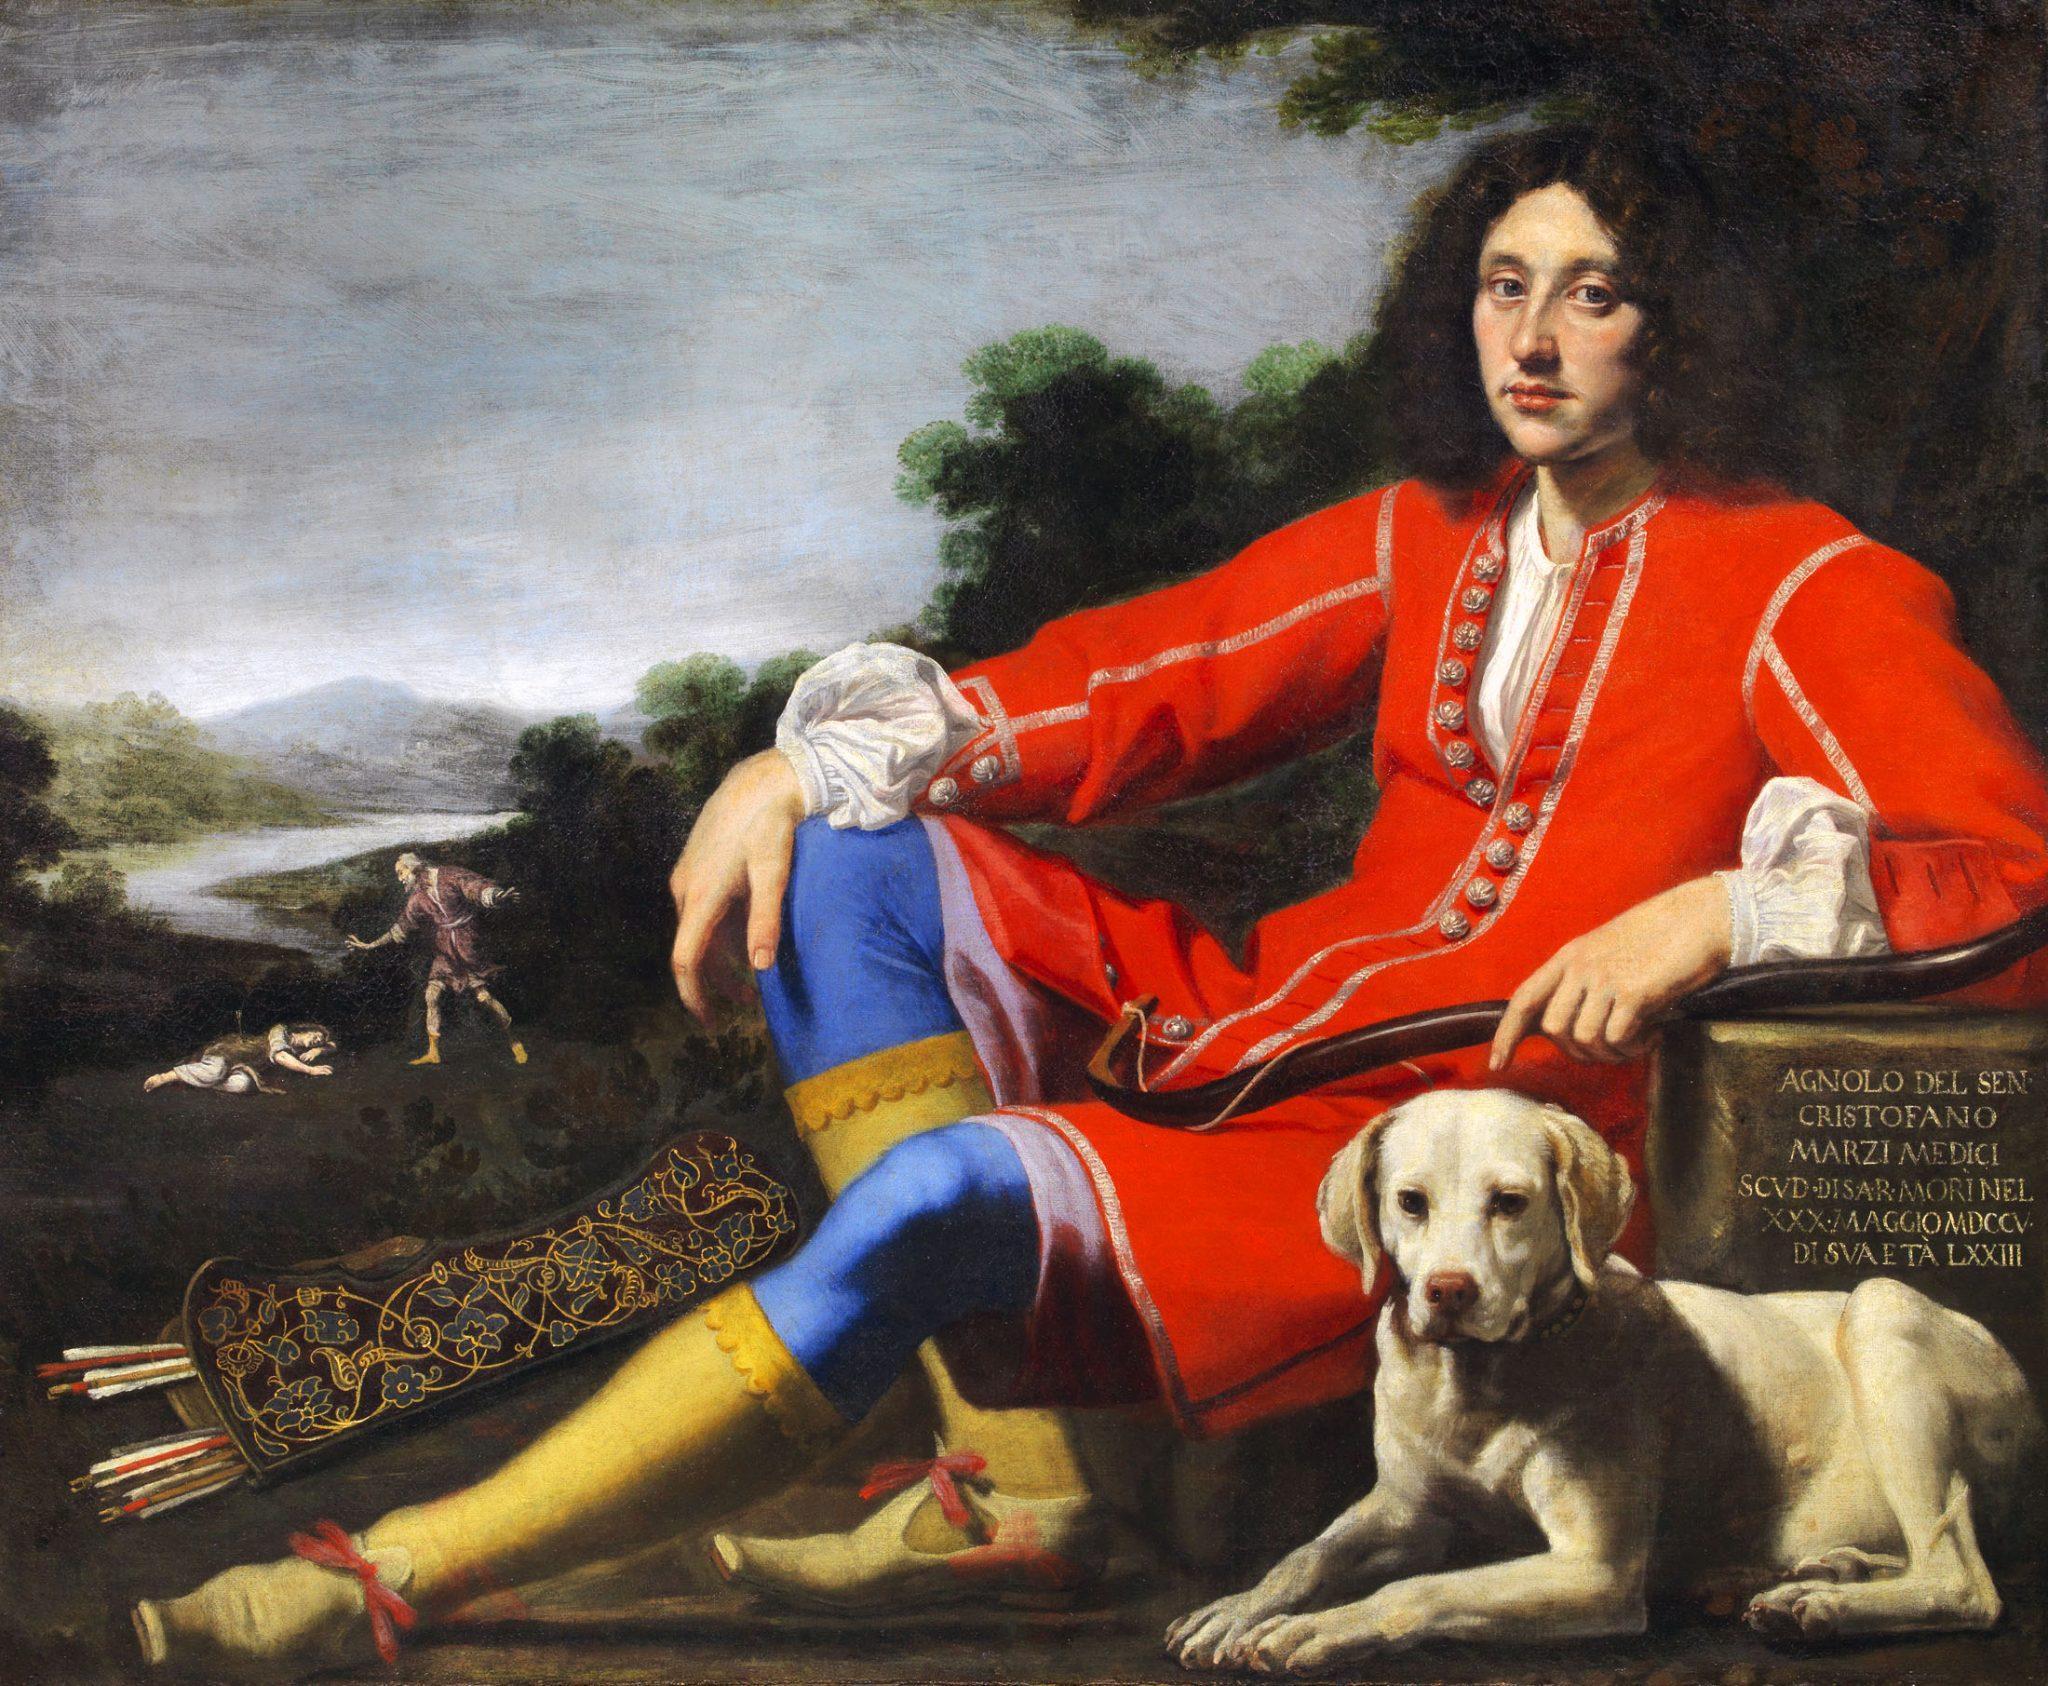 Cani, gatti e dromedari. Gli animali nell'arte in mostra a Brescia. Tutte le immagini